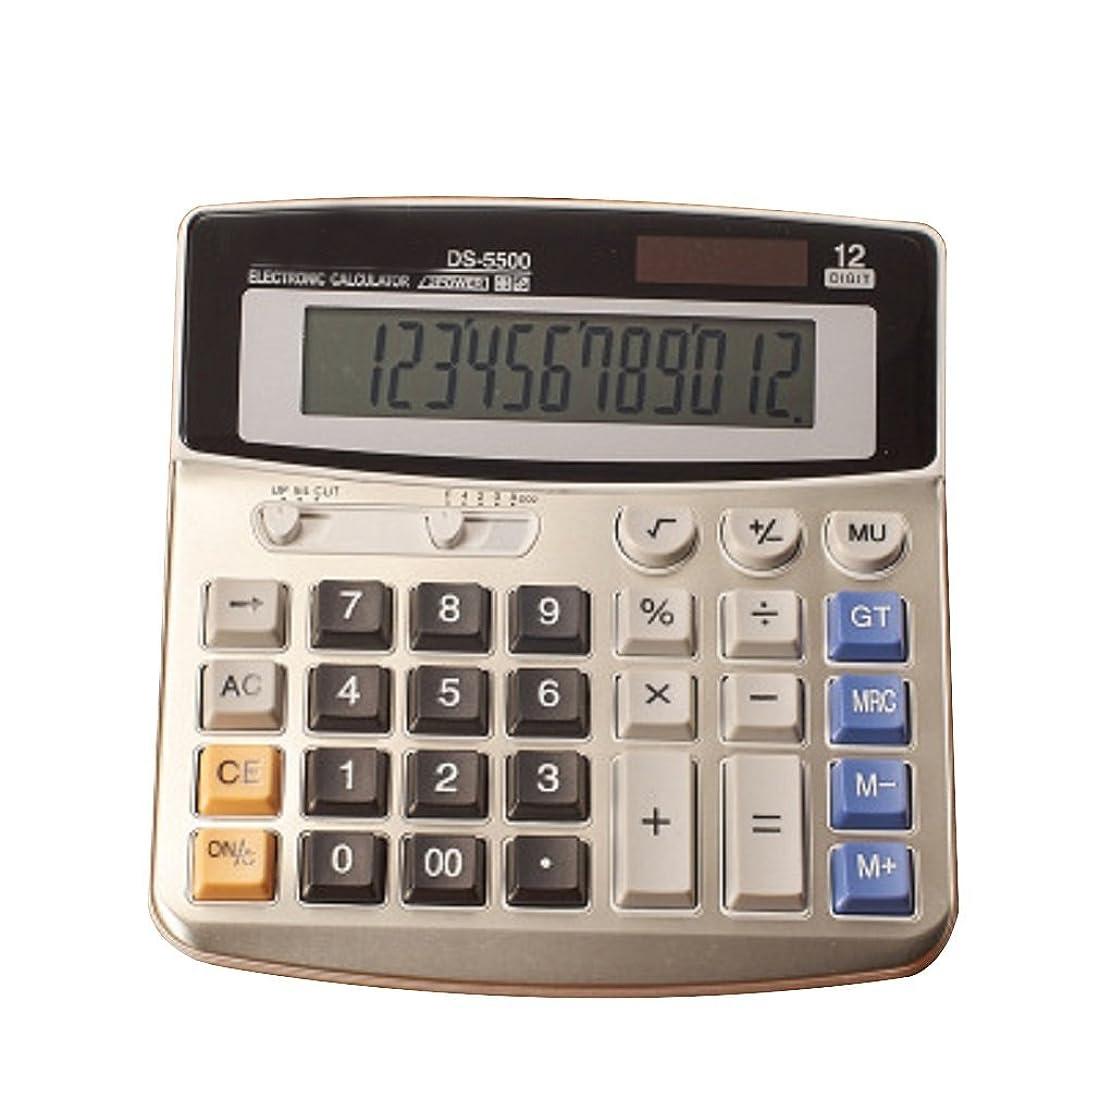 恨み純正状fuyufu電卓12桁デスクトップデュアル電源電卓標準関数電卓ソーラーと電池(without AA単三電池)